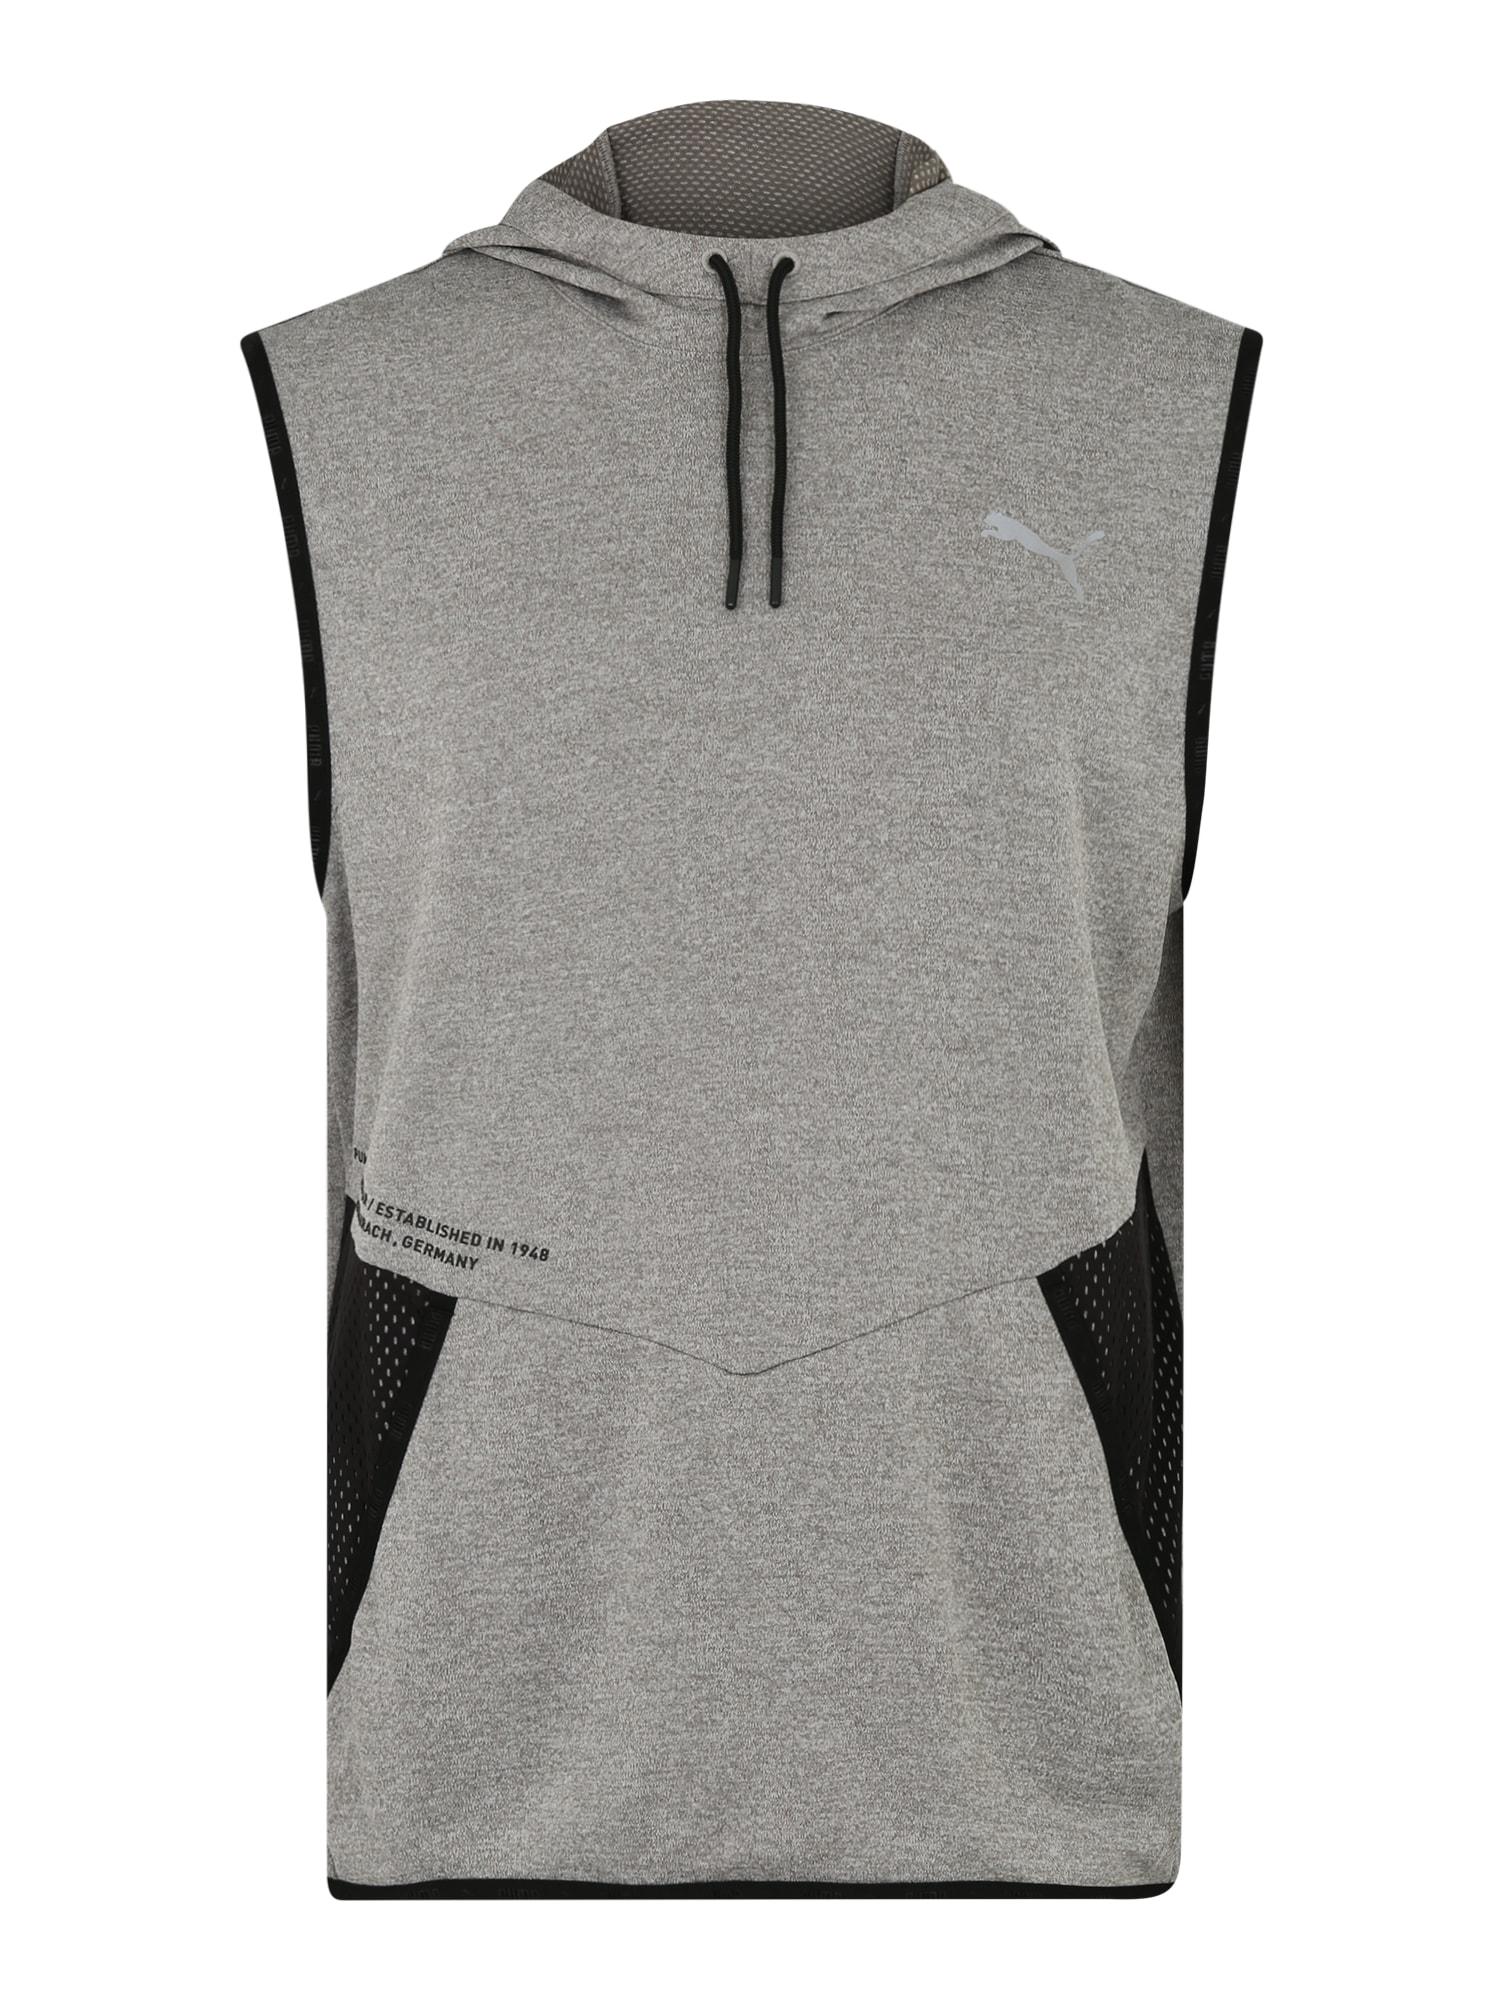 PUMA Sportinio tipo megztinis 'Reactive SLVS' juoda / pilka